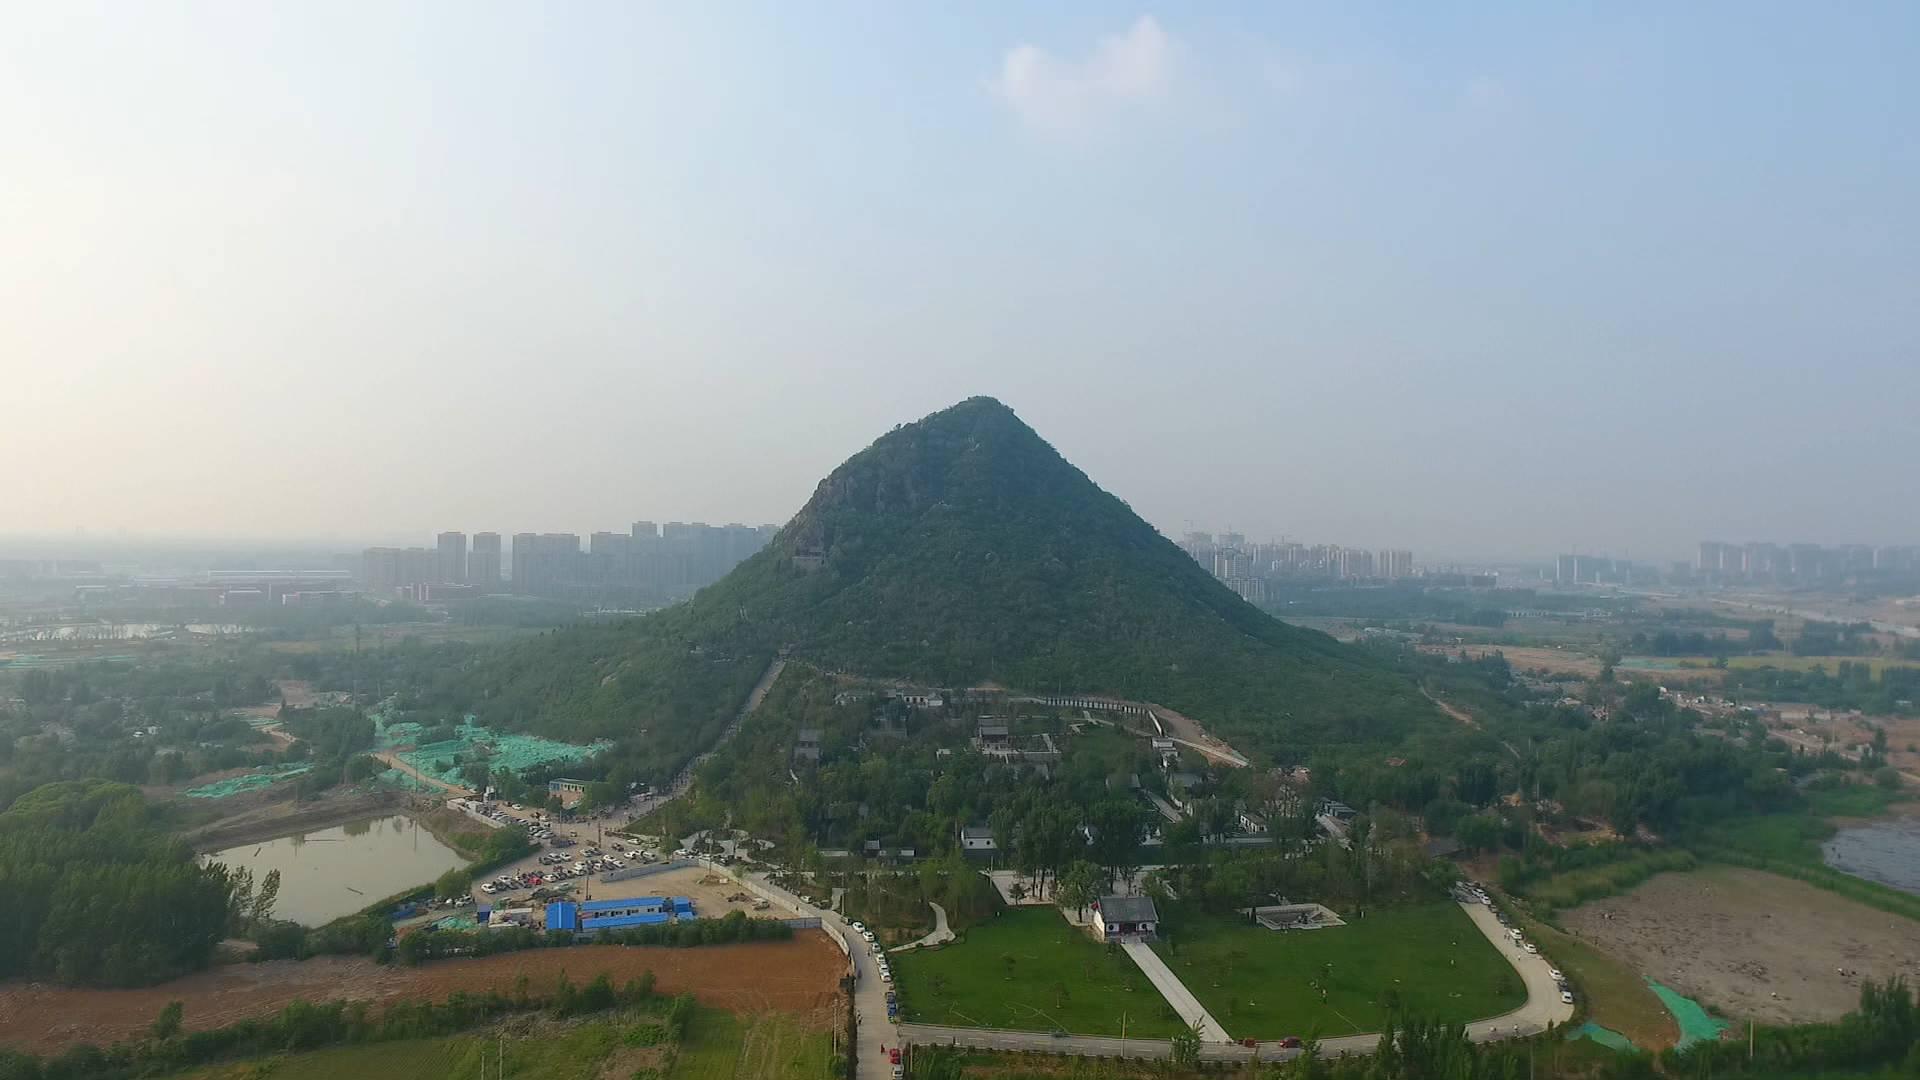 80秒 济南华山湖全面开挖,国庆前有望形成湖面景观